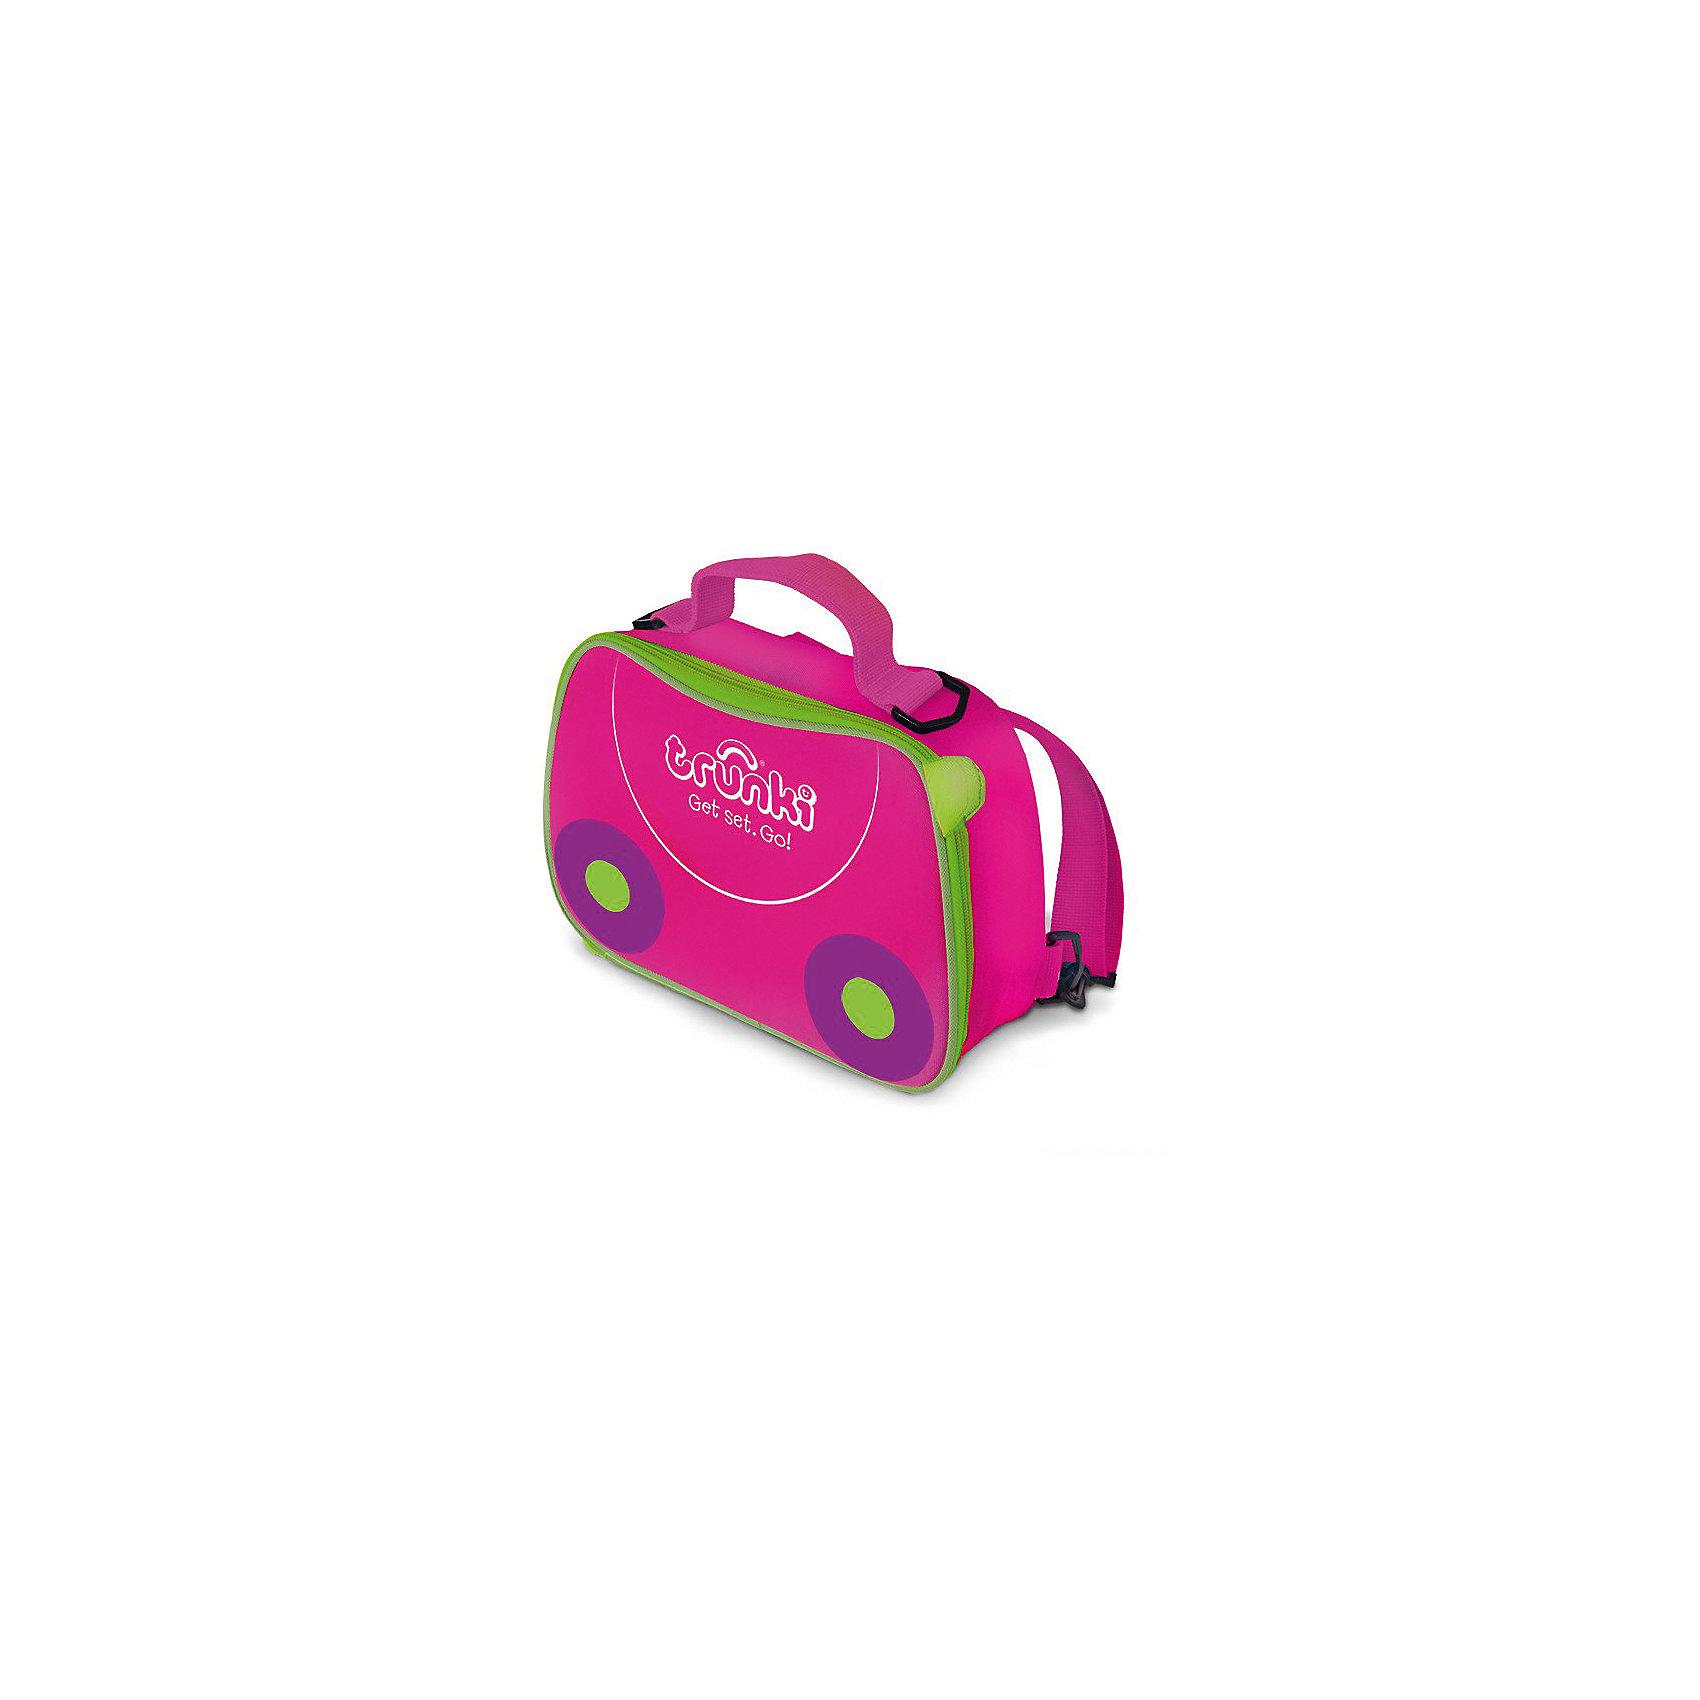 Сумка-холодильник, розоваяДорожные сумки и чемоданы<br>Характеристики товара:<br><br>• возраст от 3 лет;<br>• материал: полиэстер;<br>• объем 3,5 литра;<br>• размер сумки 27х19,5х7,5 см;<br>• вес 300 гр.;<br>• страна производитель: Китай.<br><br>Сумка-холодильник Trunki розовая — необходимый аксессуар для летних походов, пикников, прогулок в парке, путешествий, когда надо сохранить свежими продукты питания. Сумка используется и для сохранения температуры горячих продуктов. Специальная термоизоляционная подкладка и материал позволяют сохранять тепло.<br><br>Сумка выполнена из прочного материала, который не пропускает воду и ультрафиолетовые лучи. Закрывается сумка на надежную молнию. Для переноски предусмотрены удобные тканевые ручки, а также ремешок, благодаря которому сумку можно переносить за плечами, как рюкзачок. На крышке имеется сетчатый кармашек для мелочей или столовых приборов. По мере загрязнения внутренний материал легко протирается влажной салфеткой.<br><br>Сумку-холодильник Trunki розовую можно приобрести в нашем интернет-магазине.<br><br>Ширина мм: 270<br>Глубина мм: 75<br>Высота мм: 195<br>Вес г: 300<br>Возраст от месяцев: 36<br>Возраст до месяцев: 2147483647<br>Пол: Унисекс<br>Возраст: Детский<br>SKU: 5509343